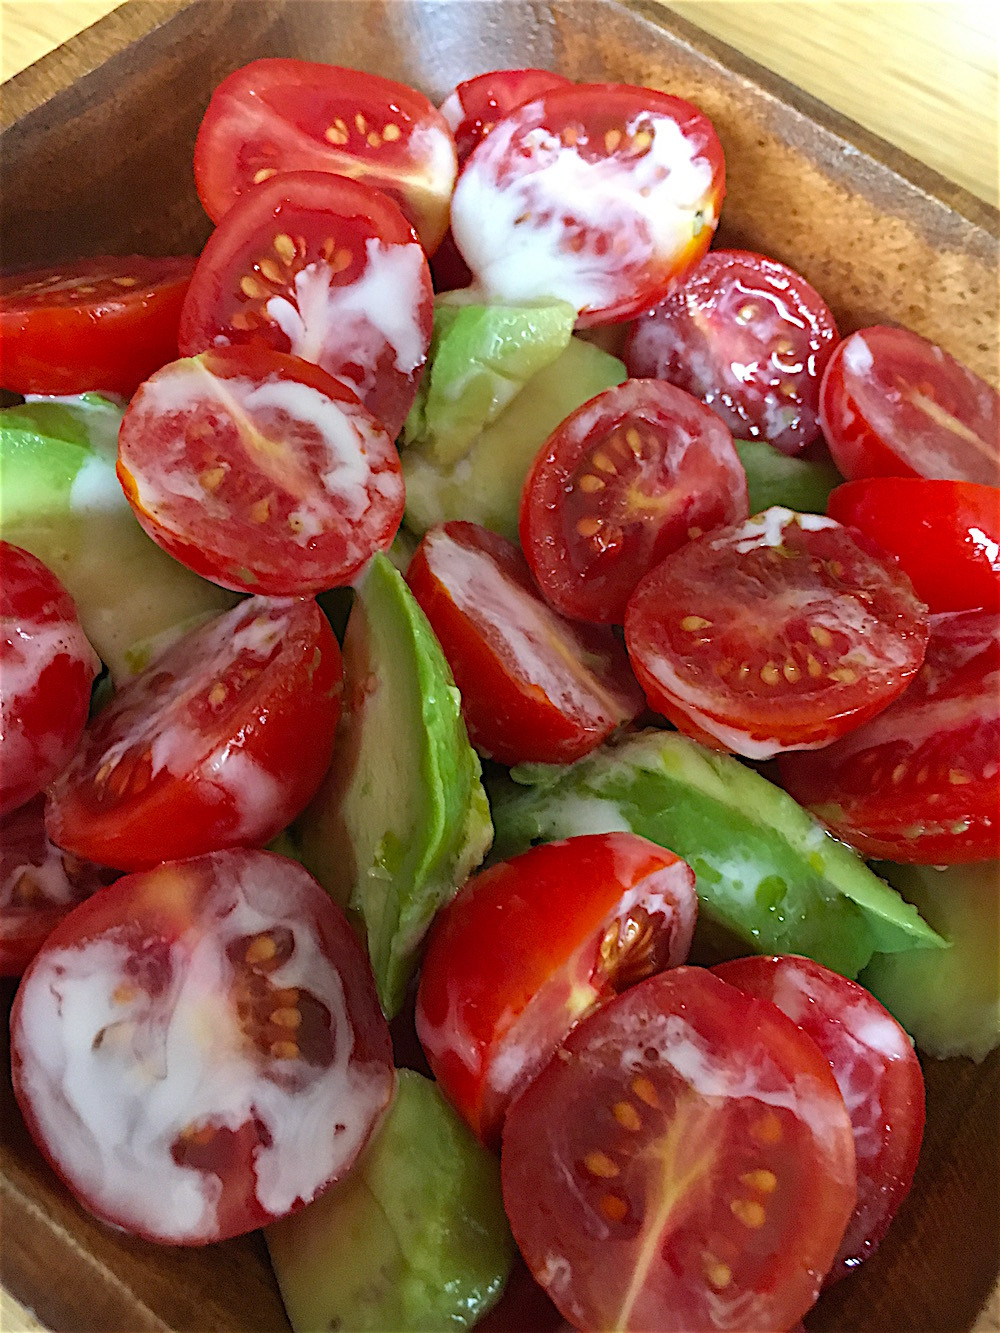 トリプルで美肌効果!アボガドとトマトのレモンドレッシングサラダ